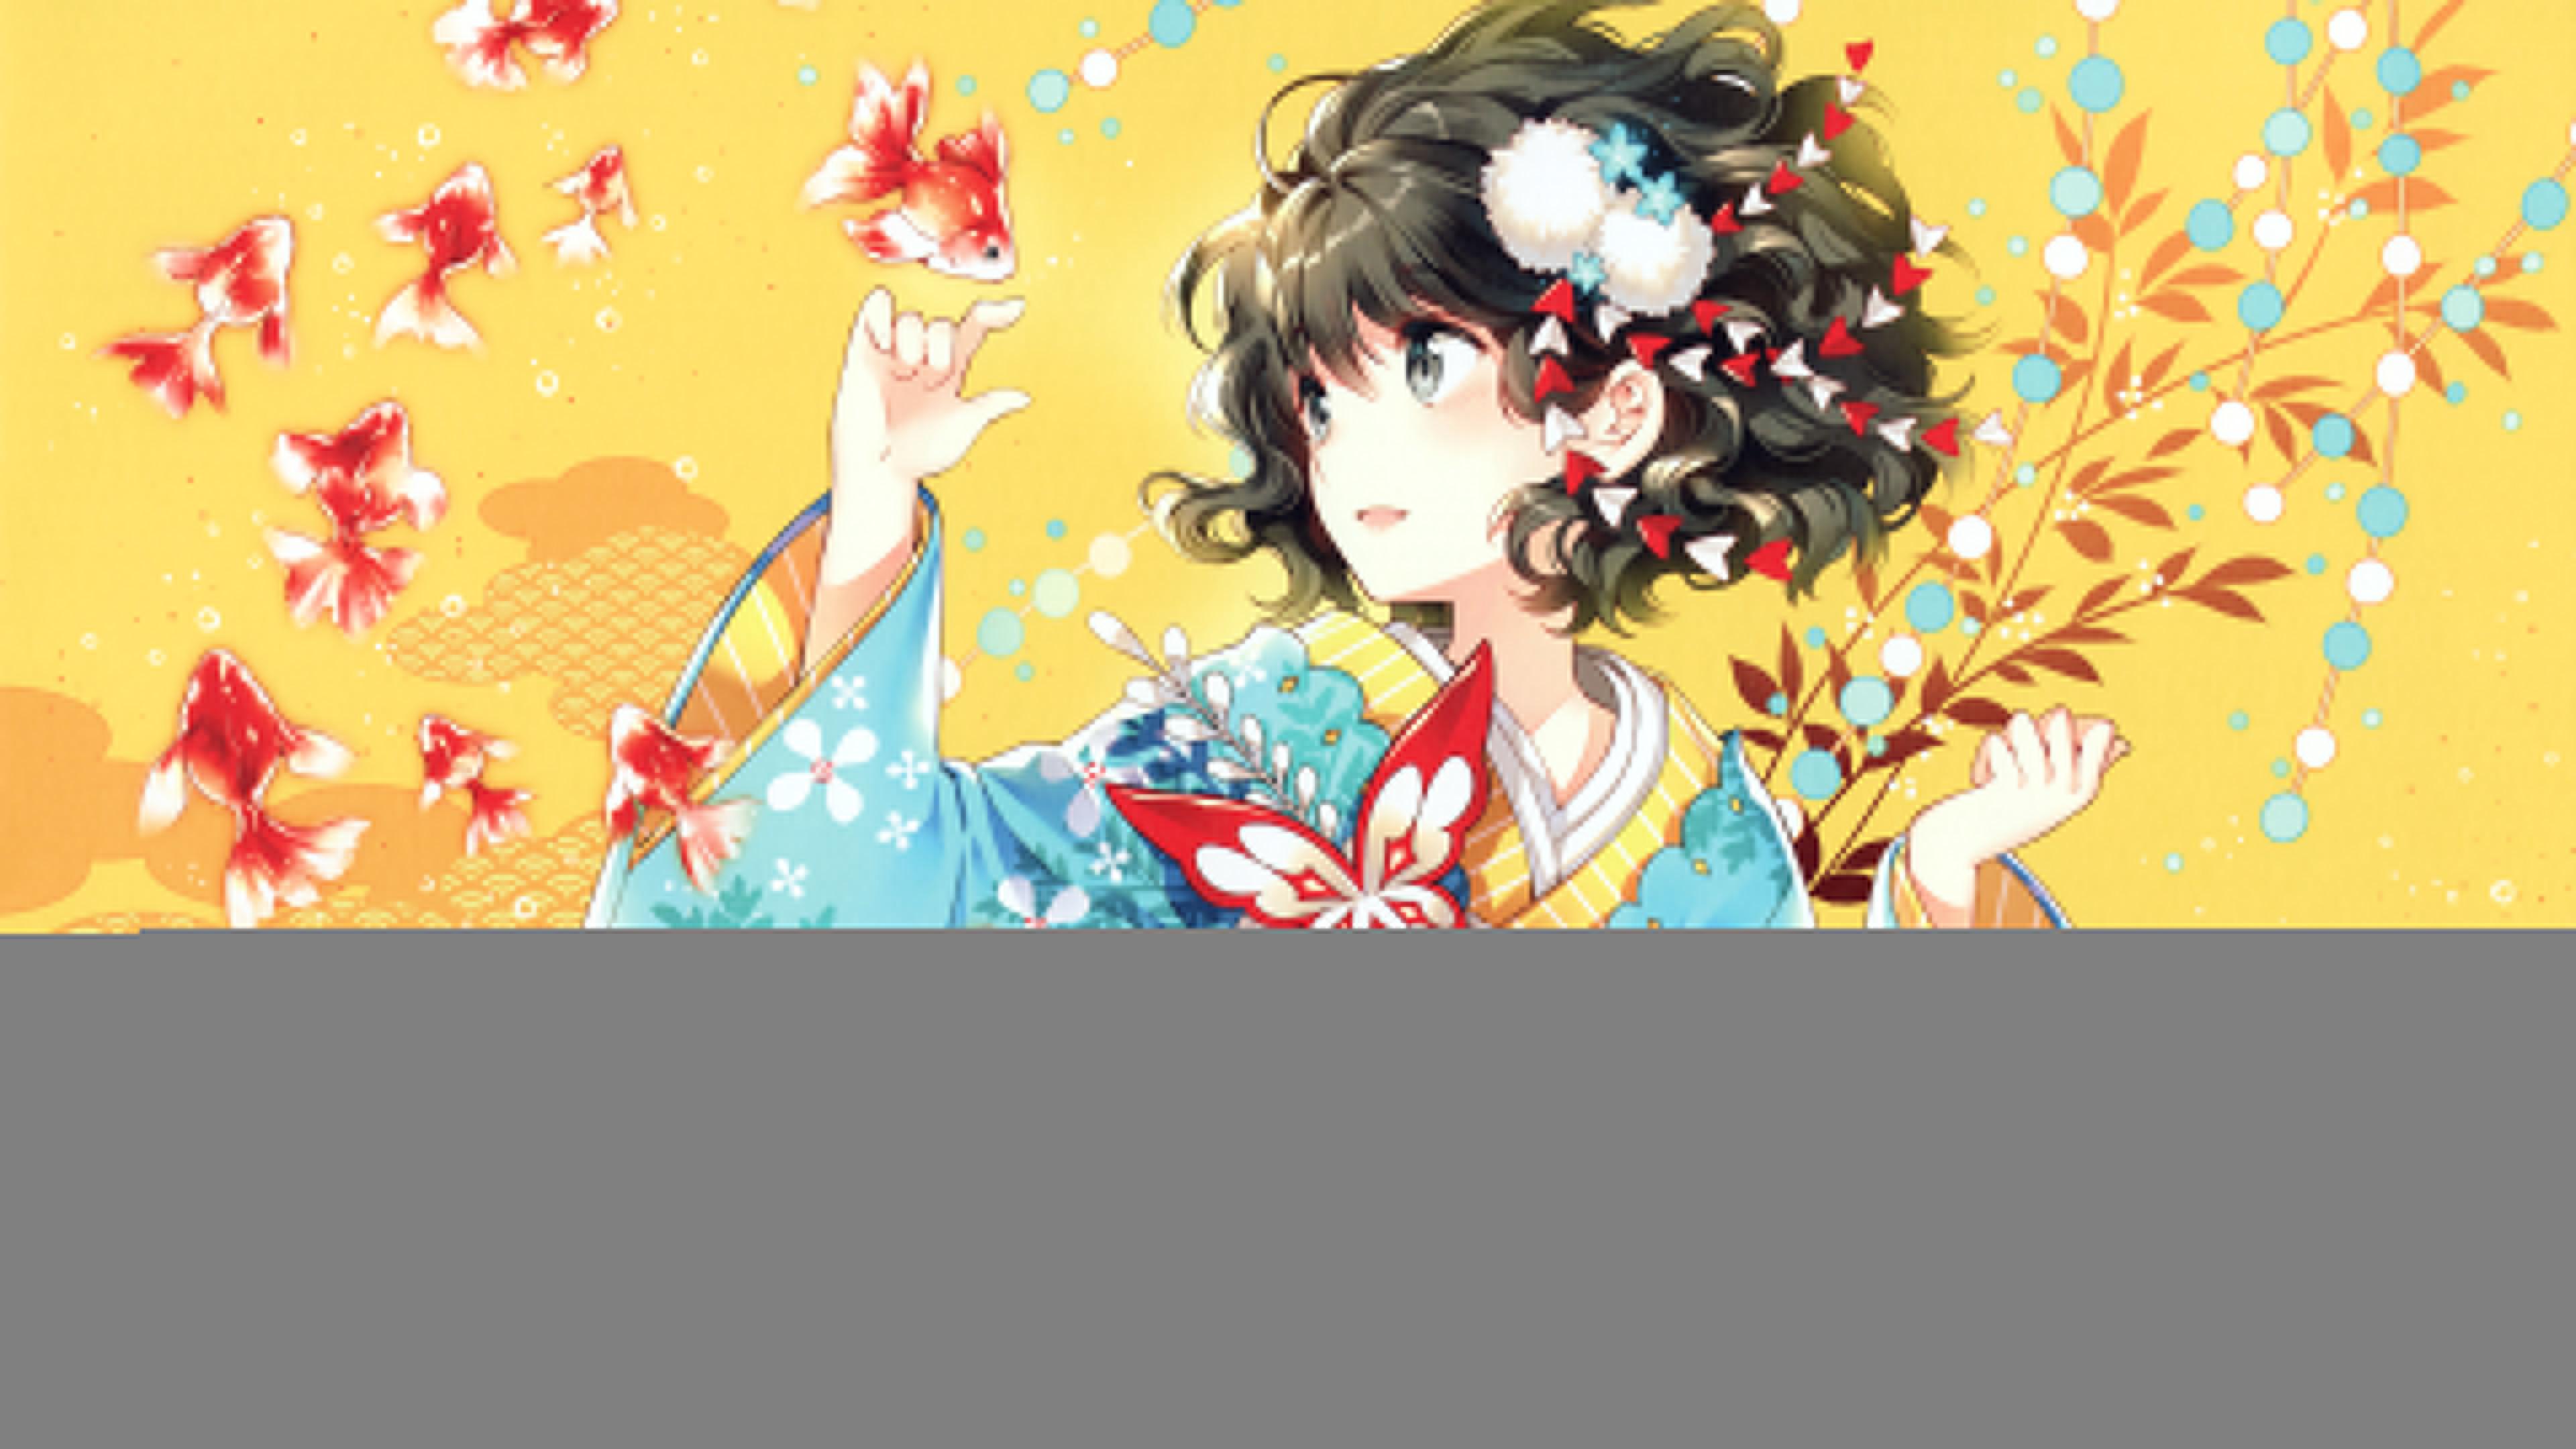 Res: 3840x2160, Kimono Anime Girl 4K